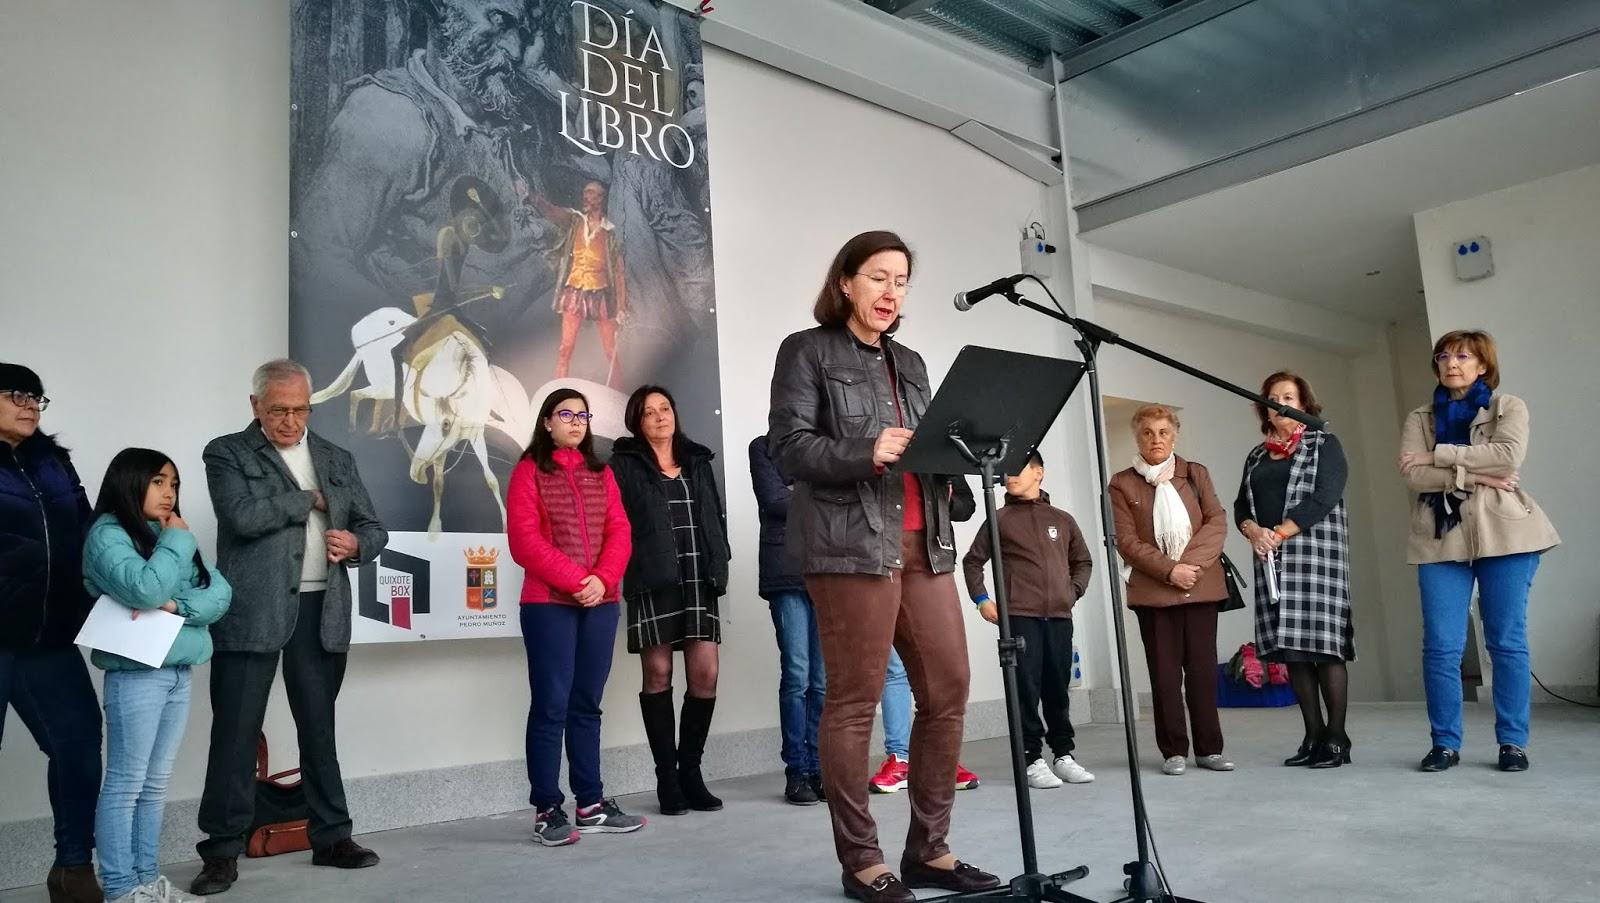 Día del Libro: Pedro Muñoz